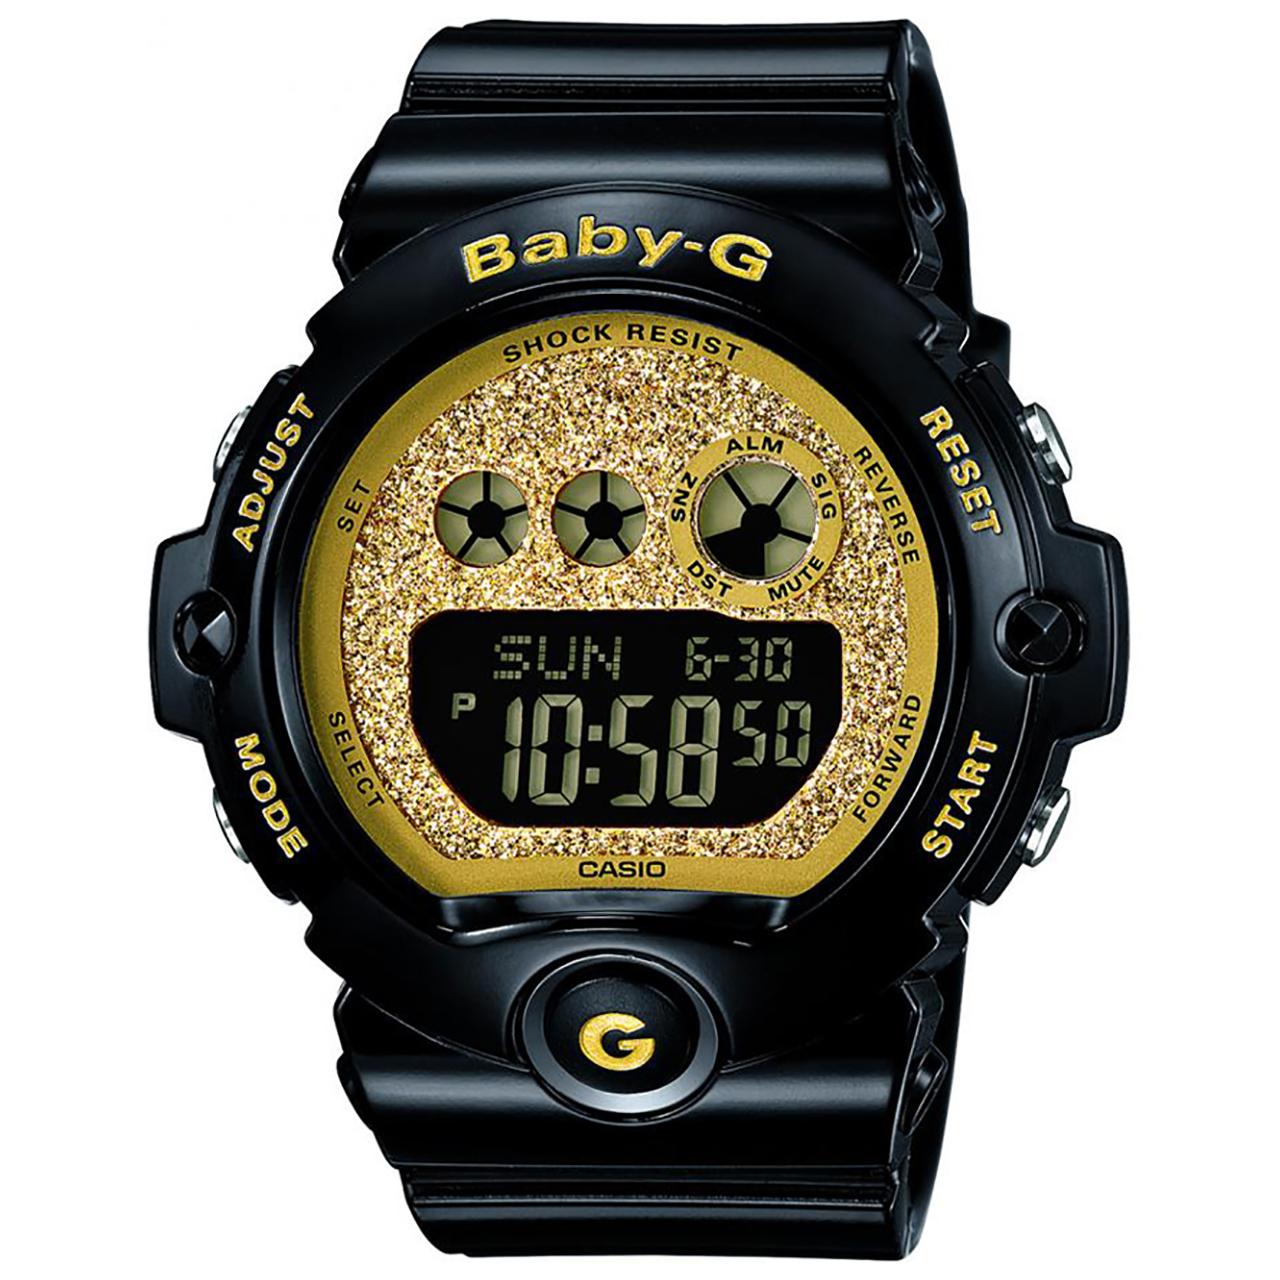 ساعت مچی دیجیتالی کاسیو بی بی جی مدل BG-6900SG-1DR 36